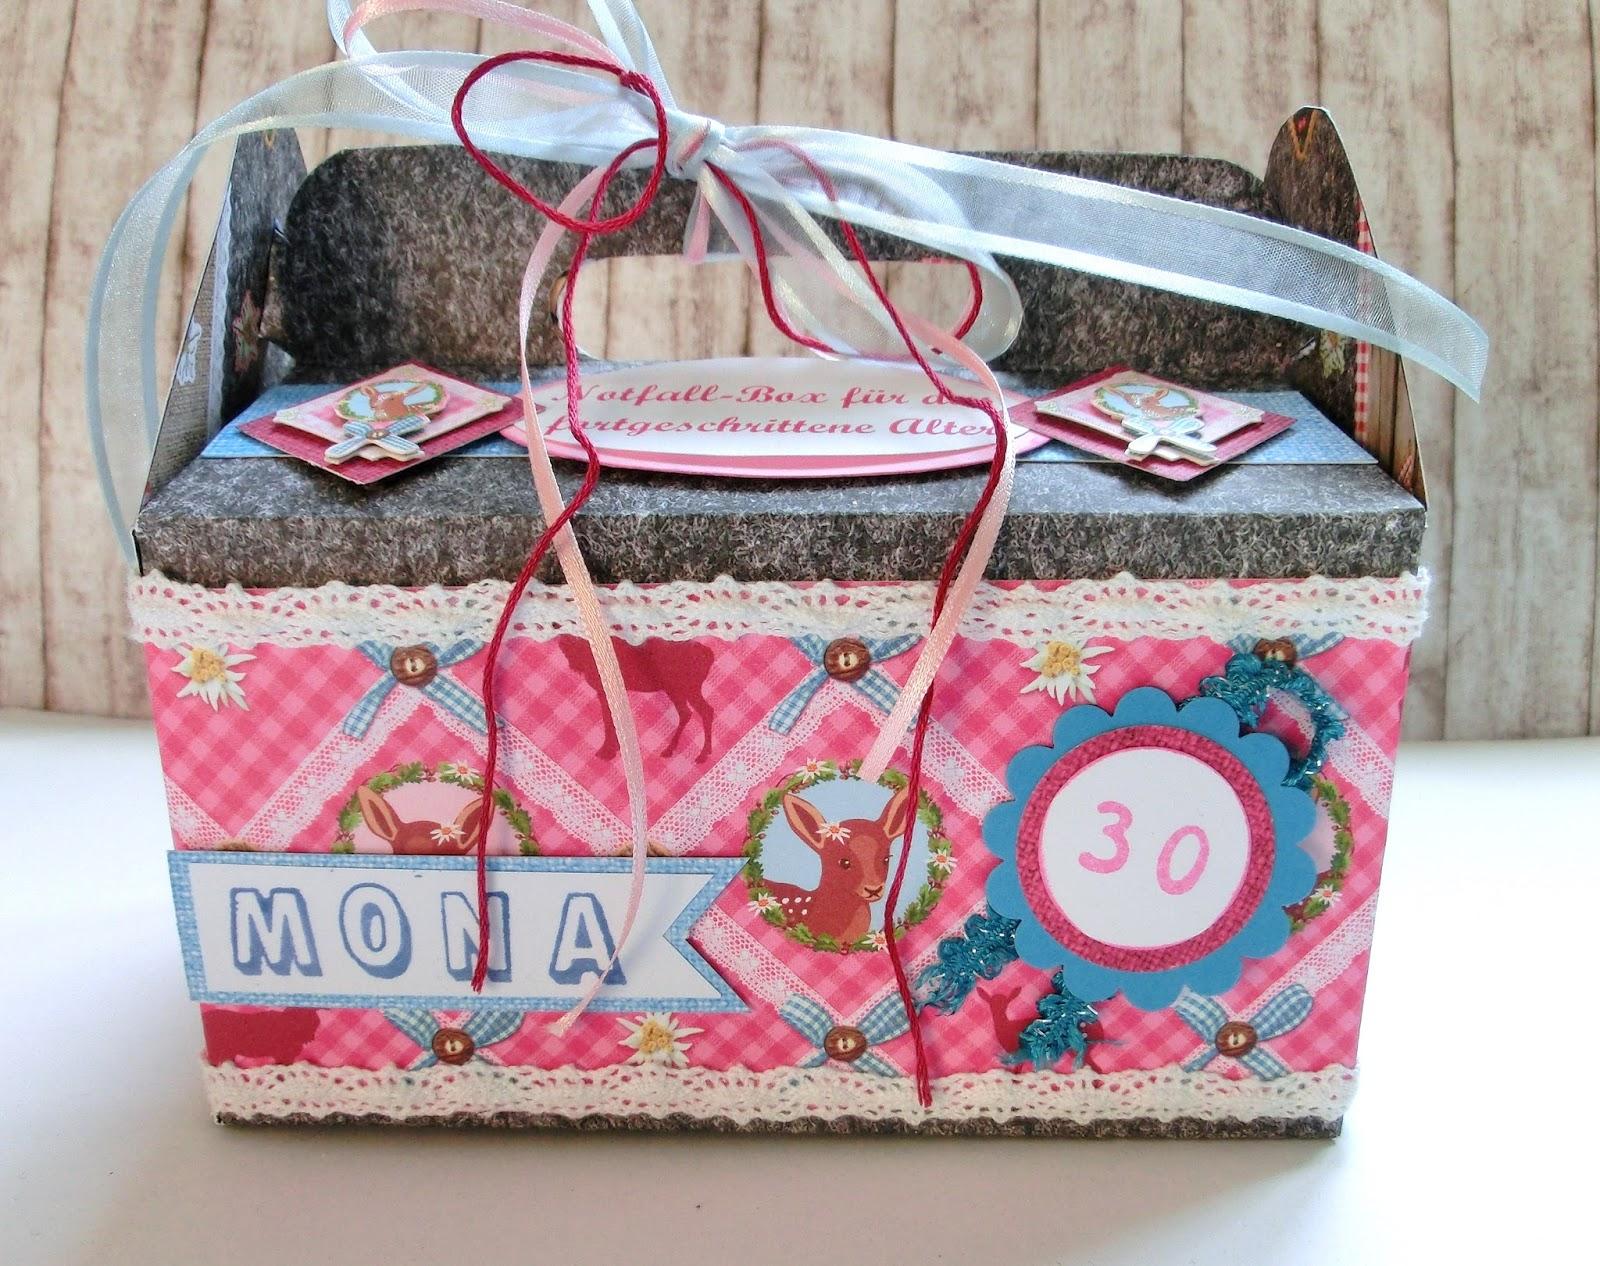 hobby kreativ welt erste hilfe box oder notfall kiste f r 30 j hrige. Black Bedroom Furniture Sets. Home Design Ideas